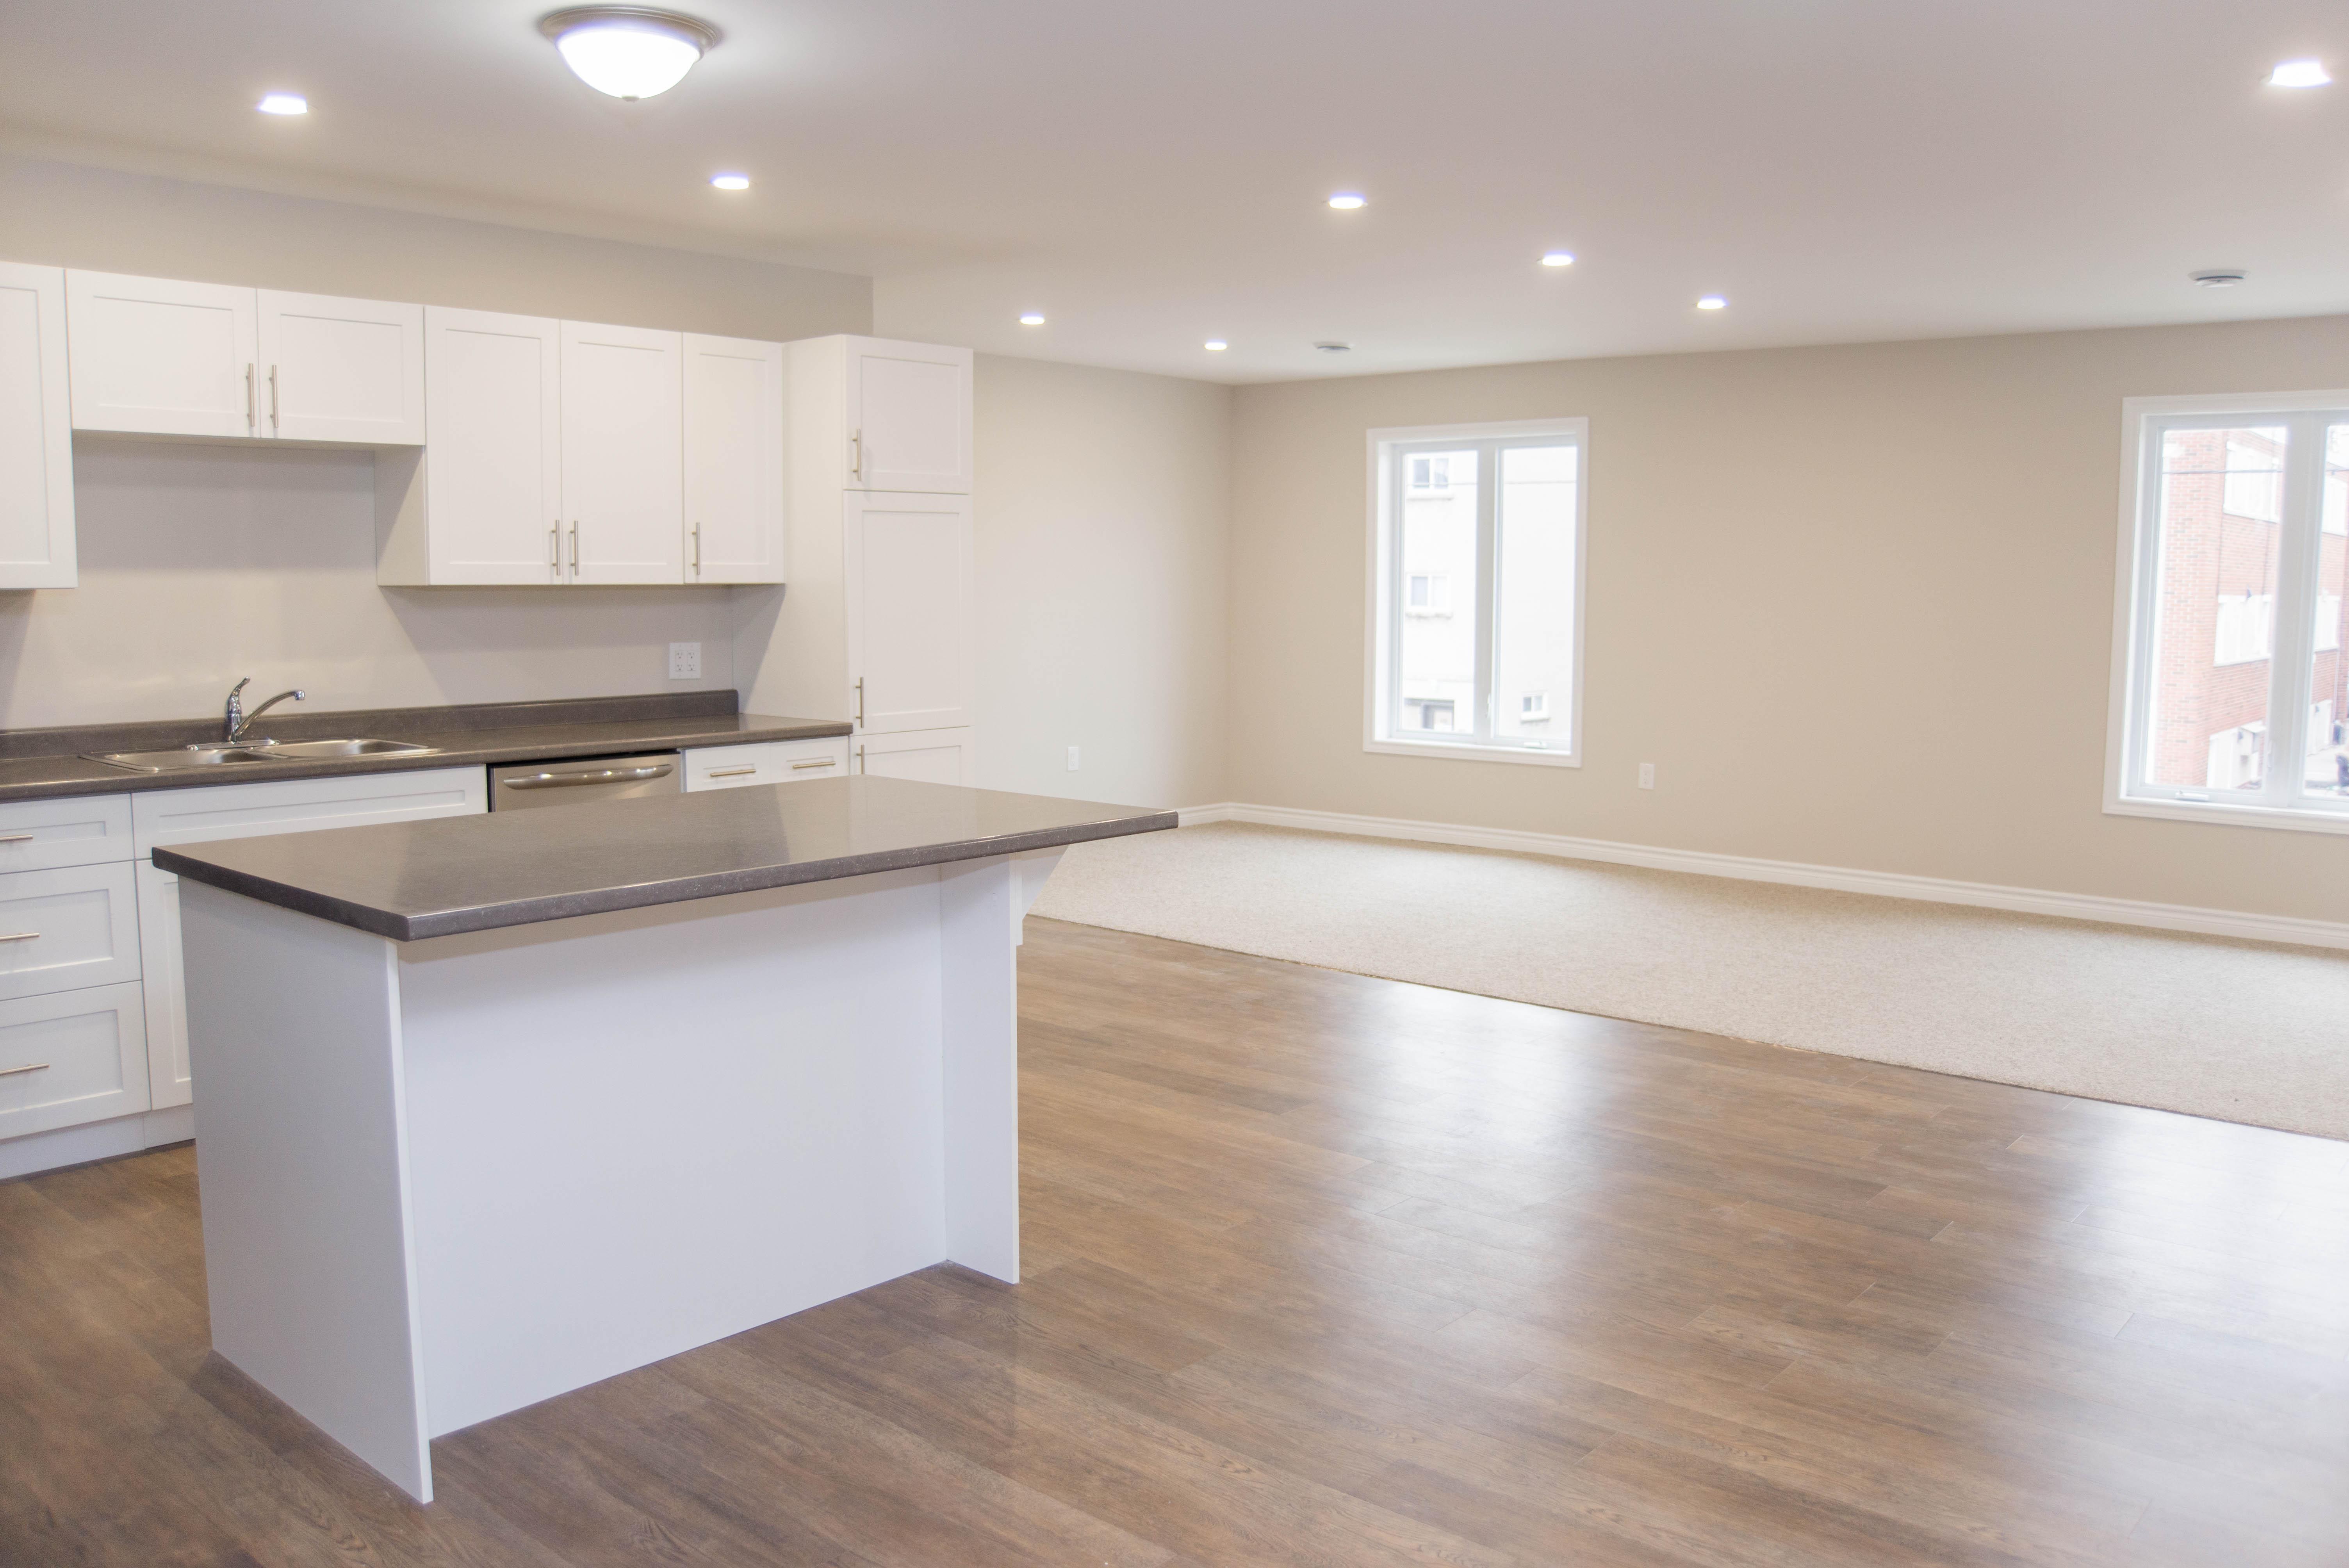 3 Bedroom - Kitchen/Living Space